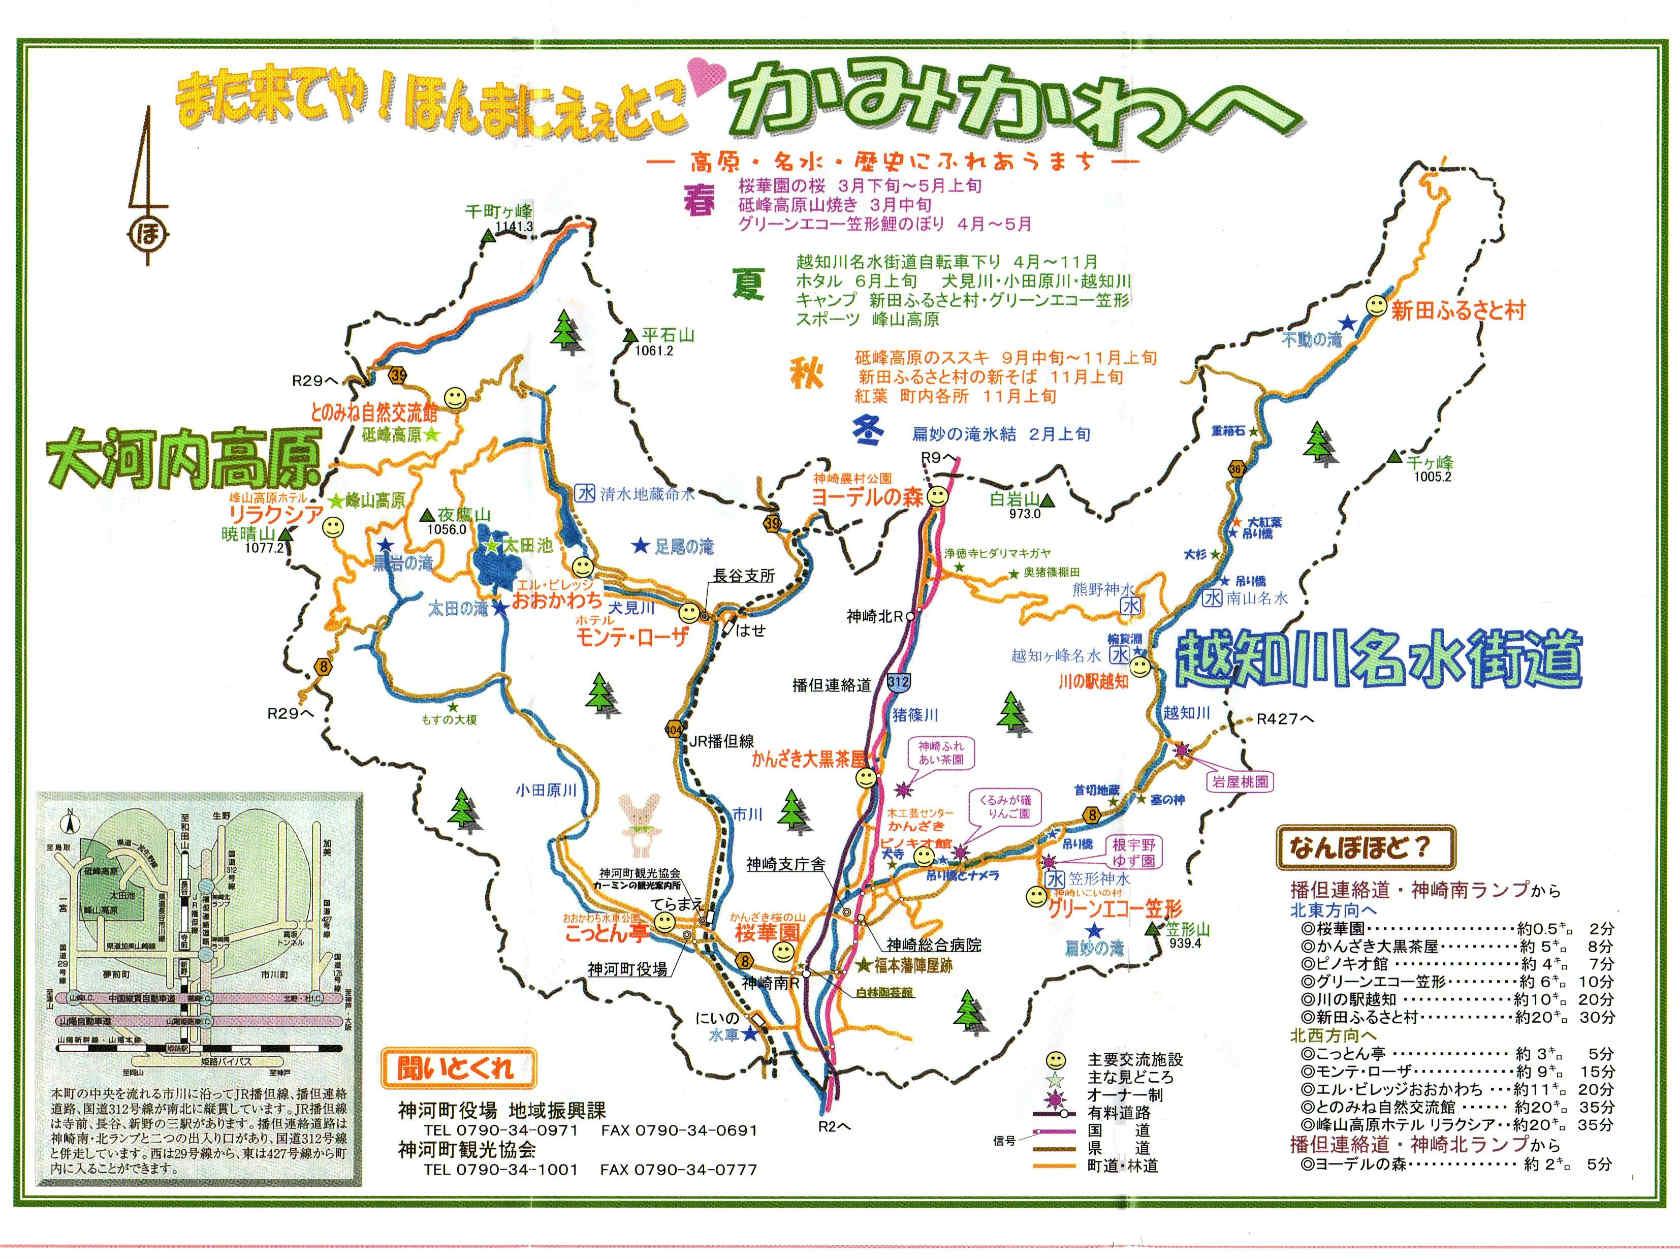 01a 神崎郡神川町案内図